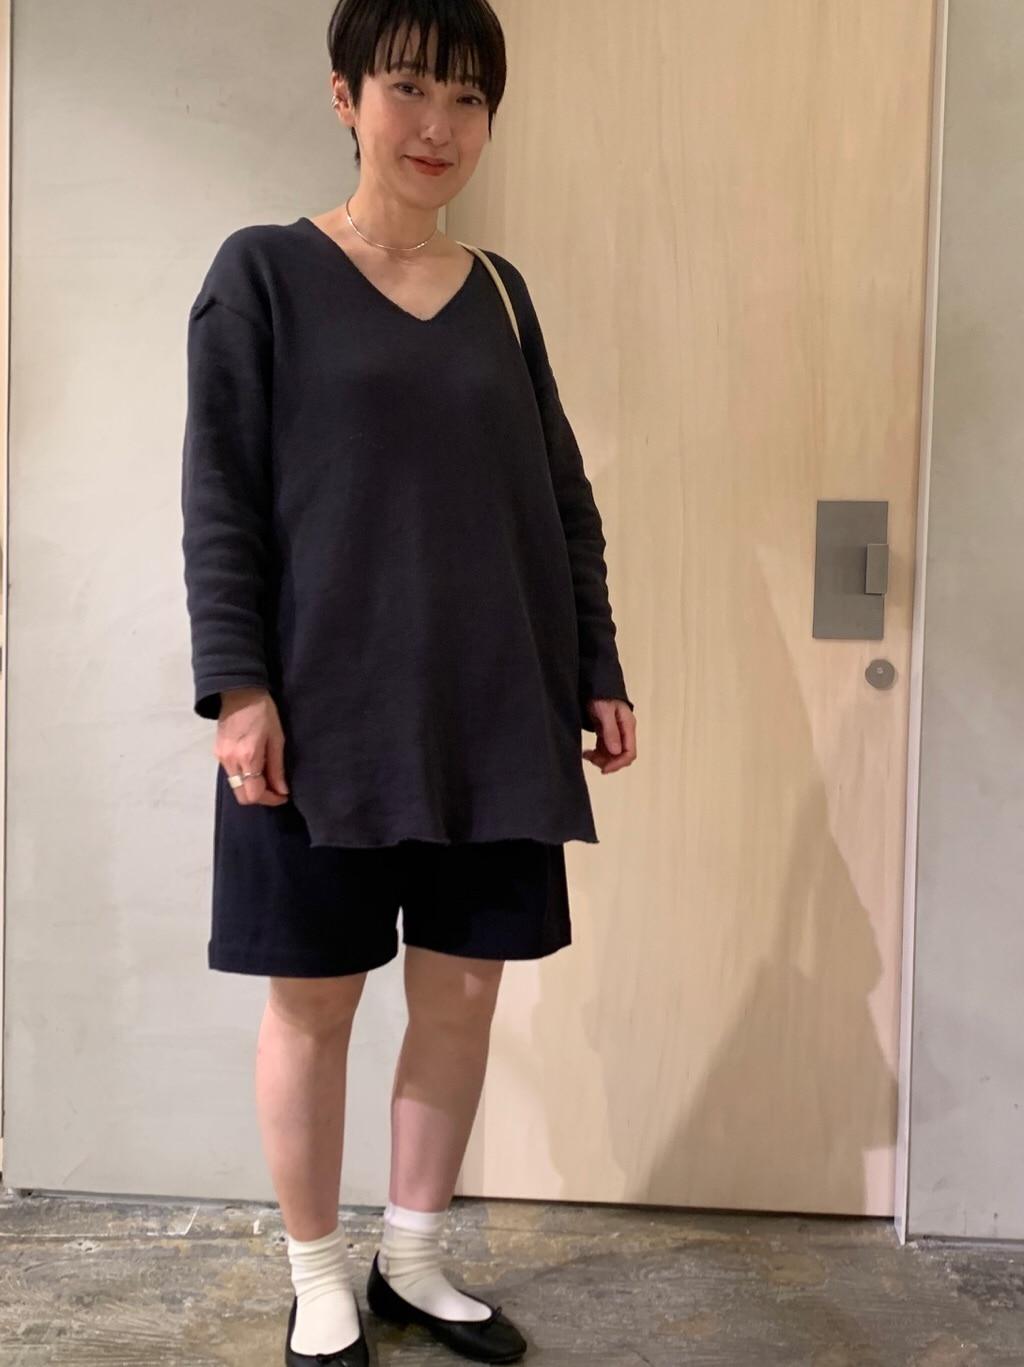 ルミネ新宿 2020.03.11